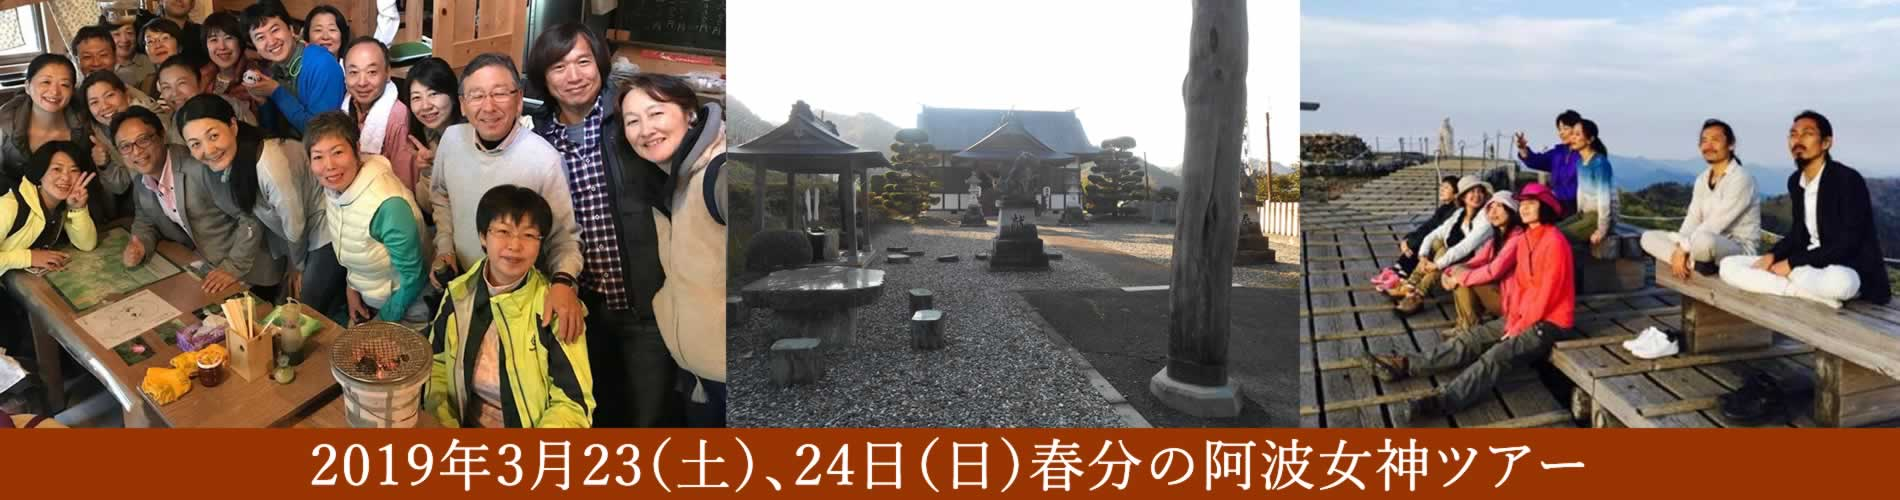 2019年3月23(土)、24日(日)春分の阿波女神ツアー